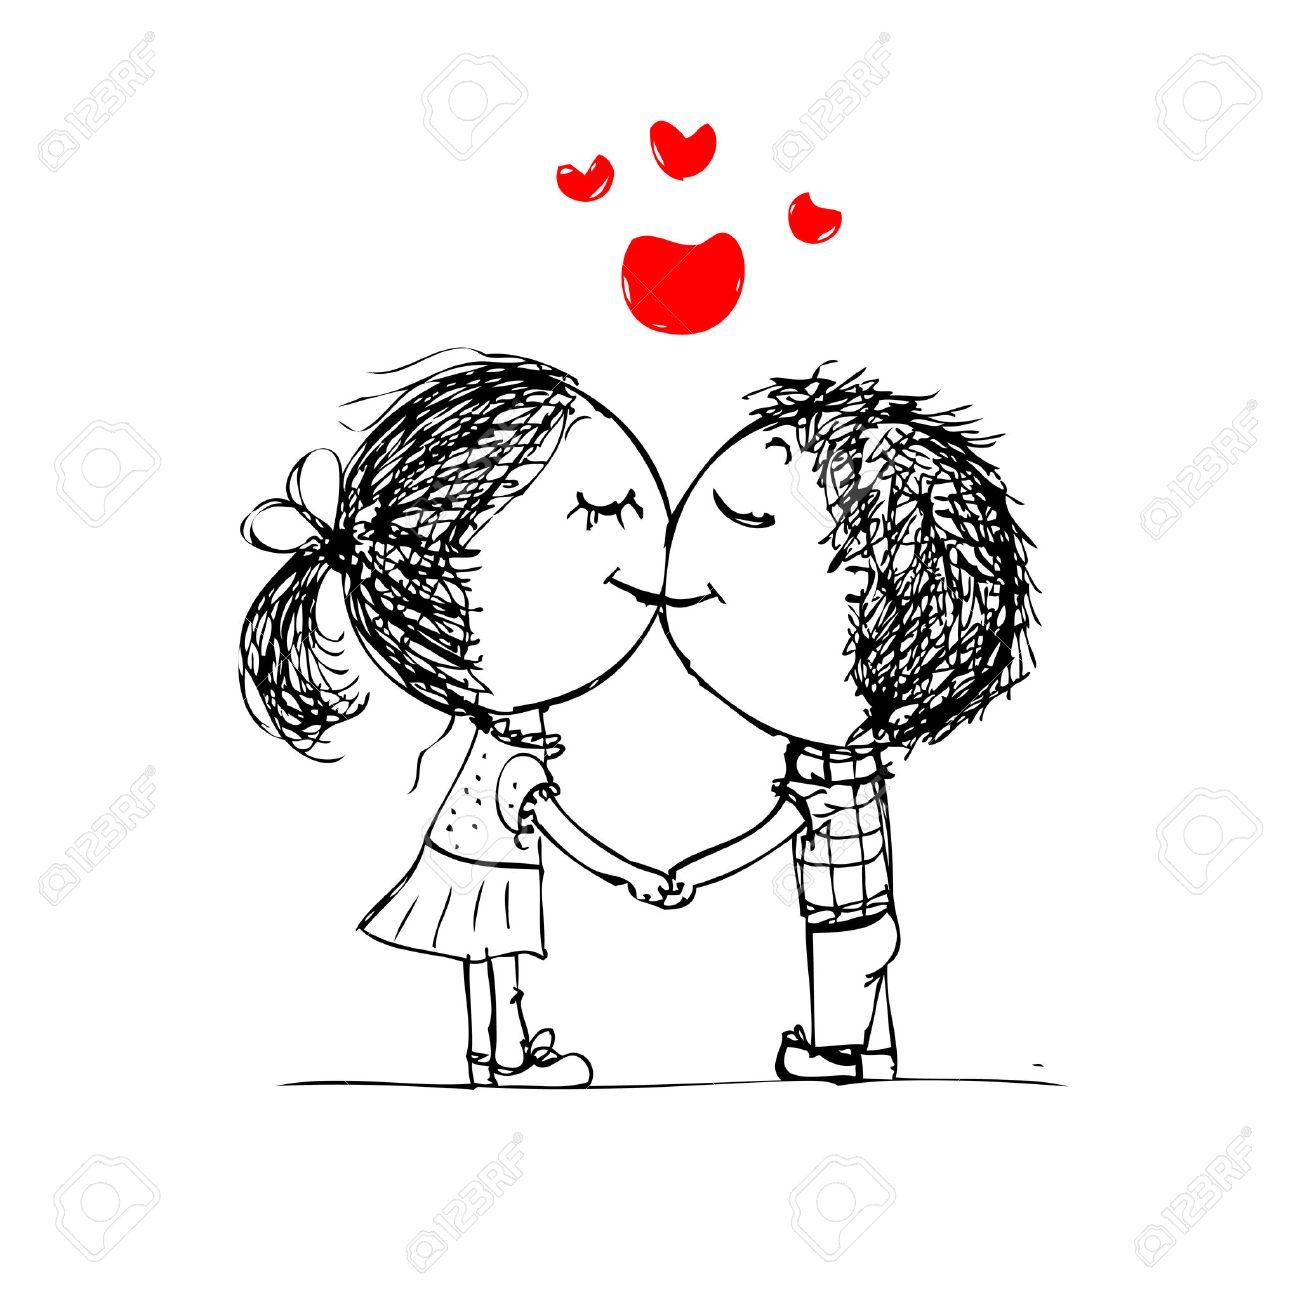 カップルがキス、あなたのデザインのためのバレンタインのスケッチ